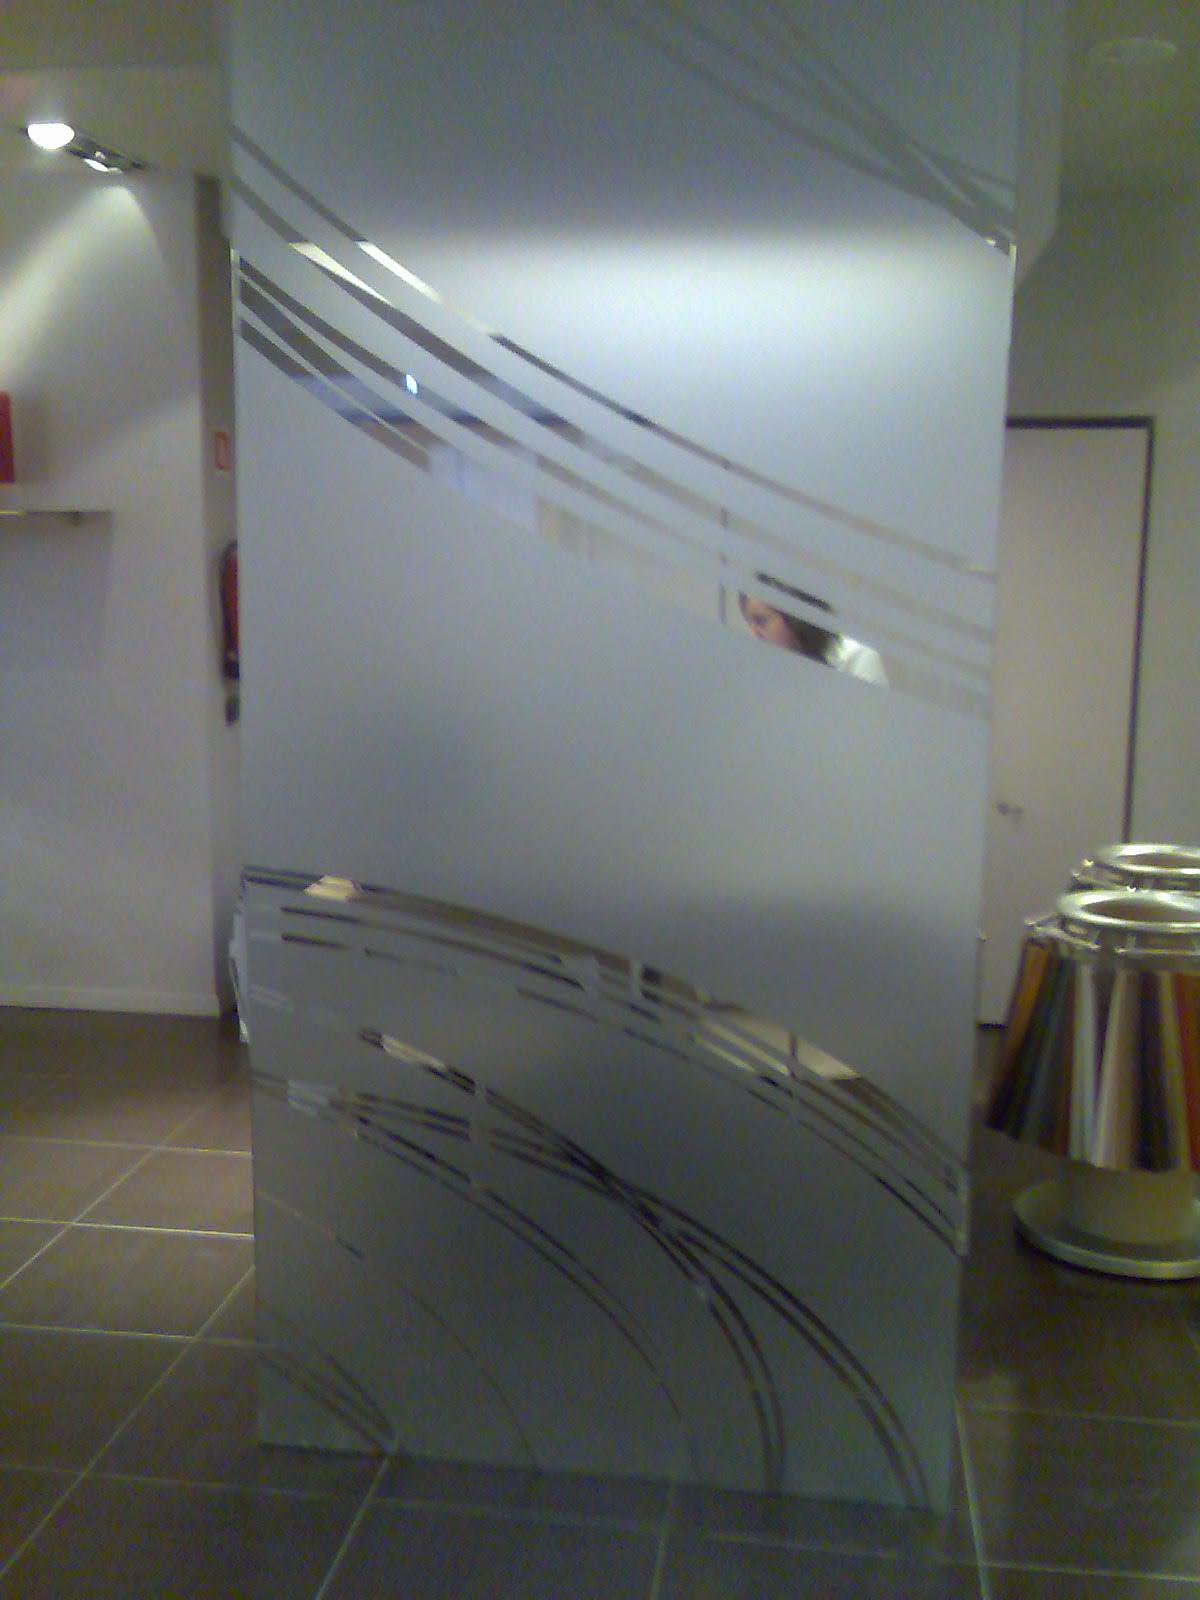 Cristaleria galatzo vidrio templado decorado - Cristales decorados para puertas ...